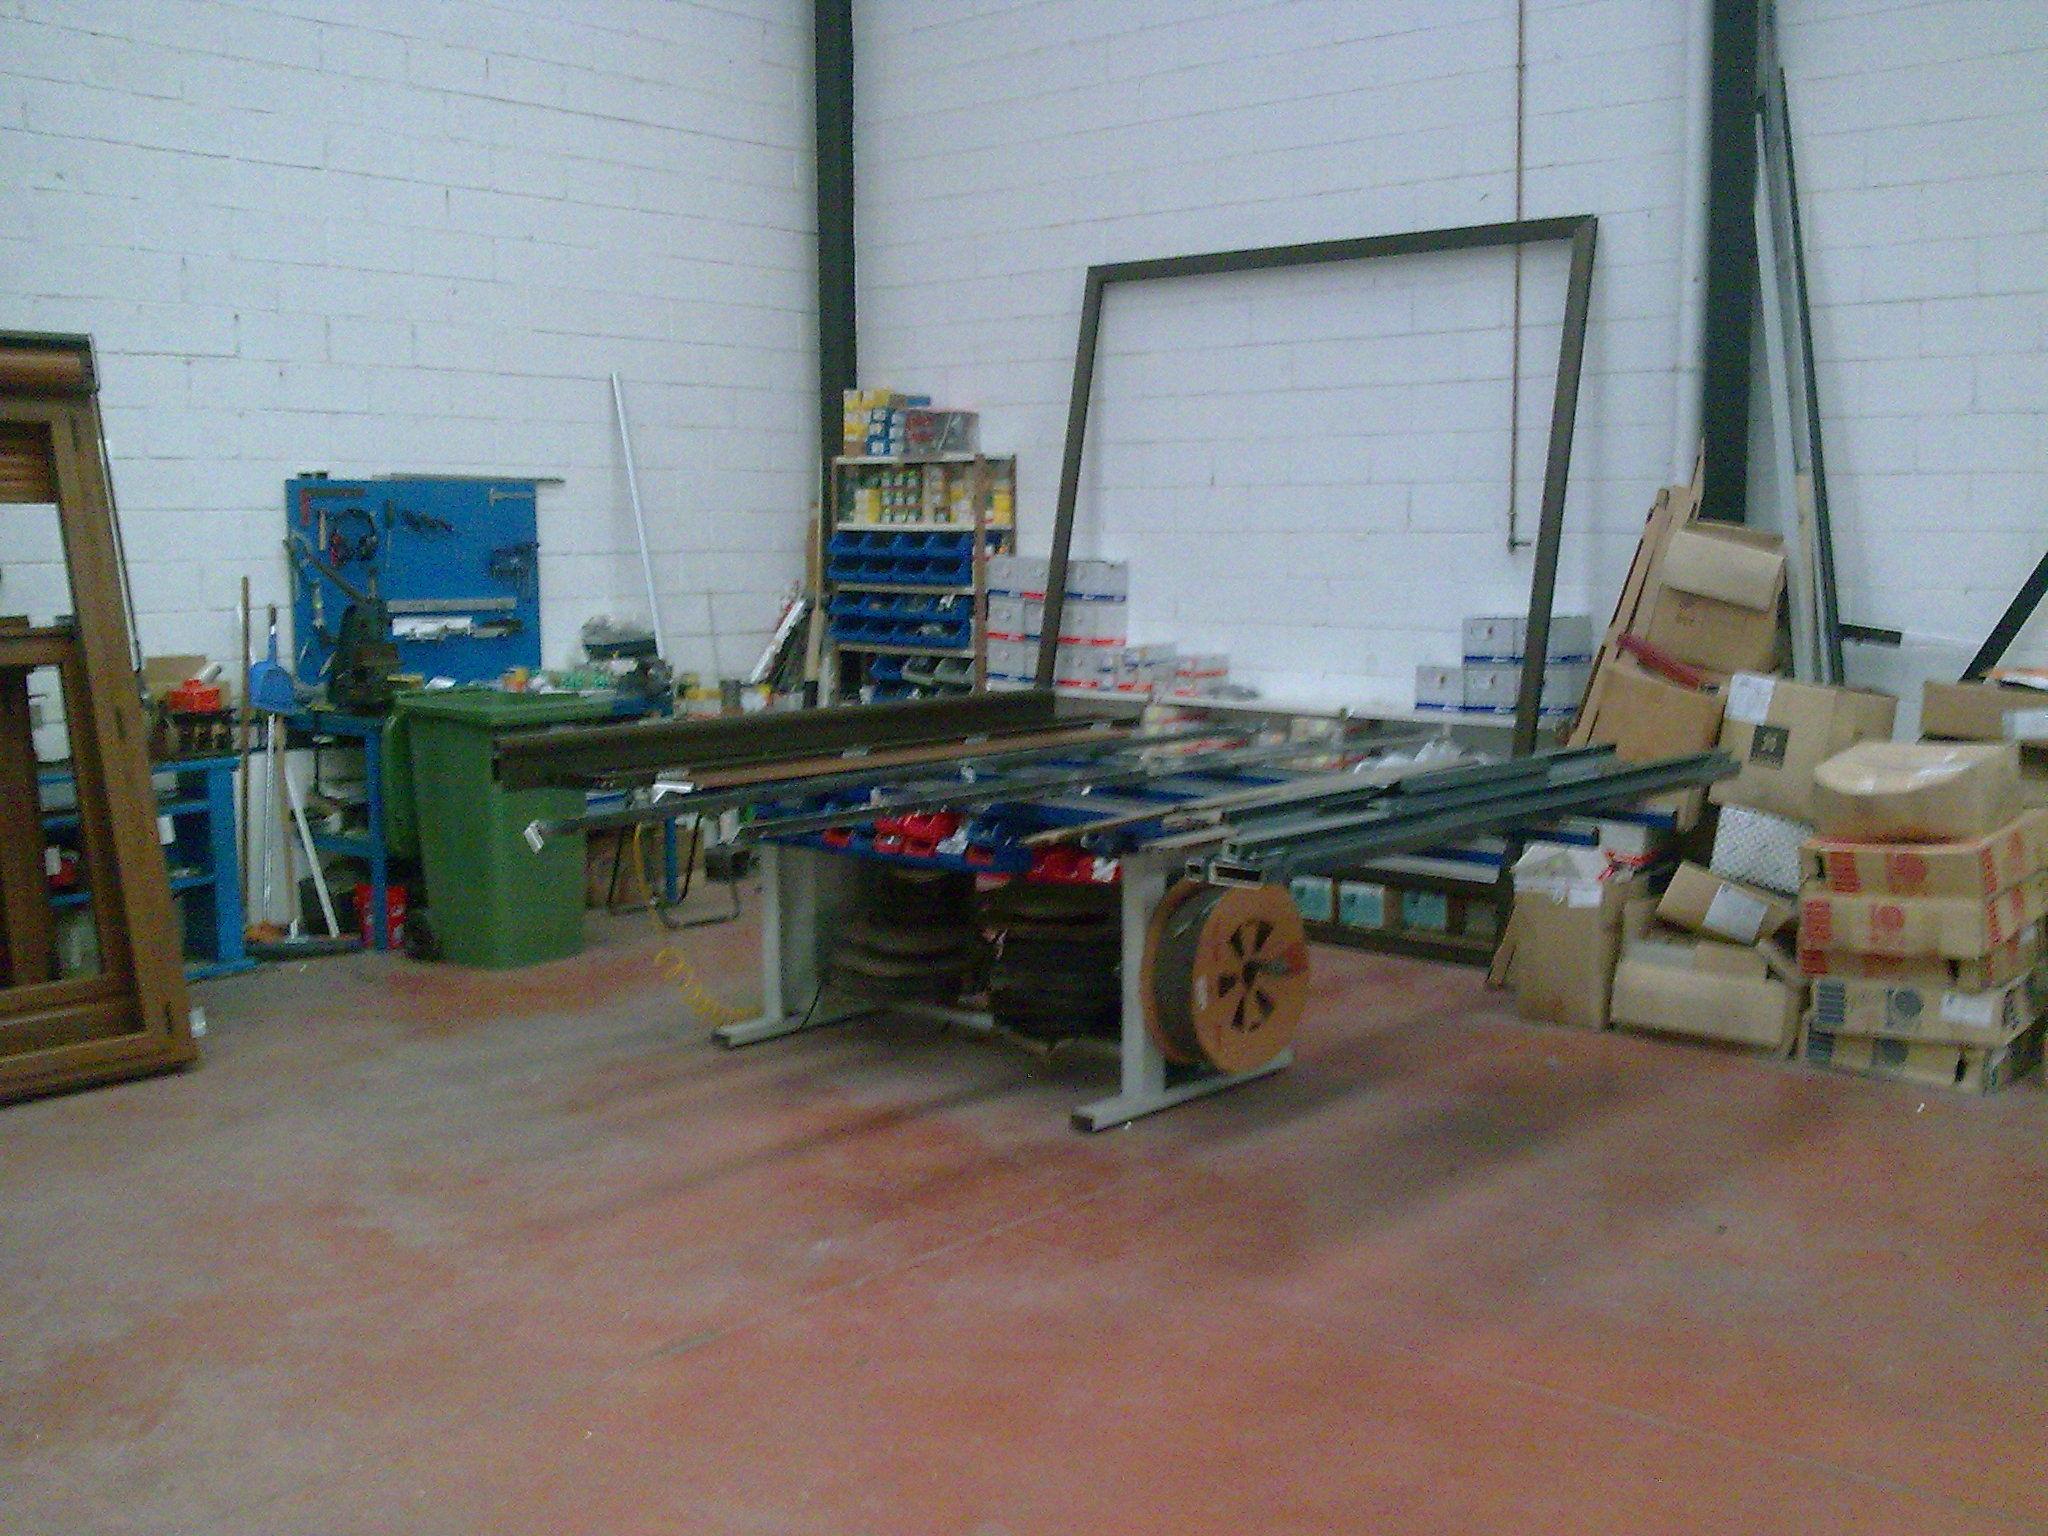 Maquinas del taller: NUESTROS SERVICIOS de Aluminios Sergio